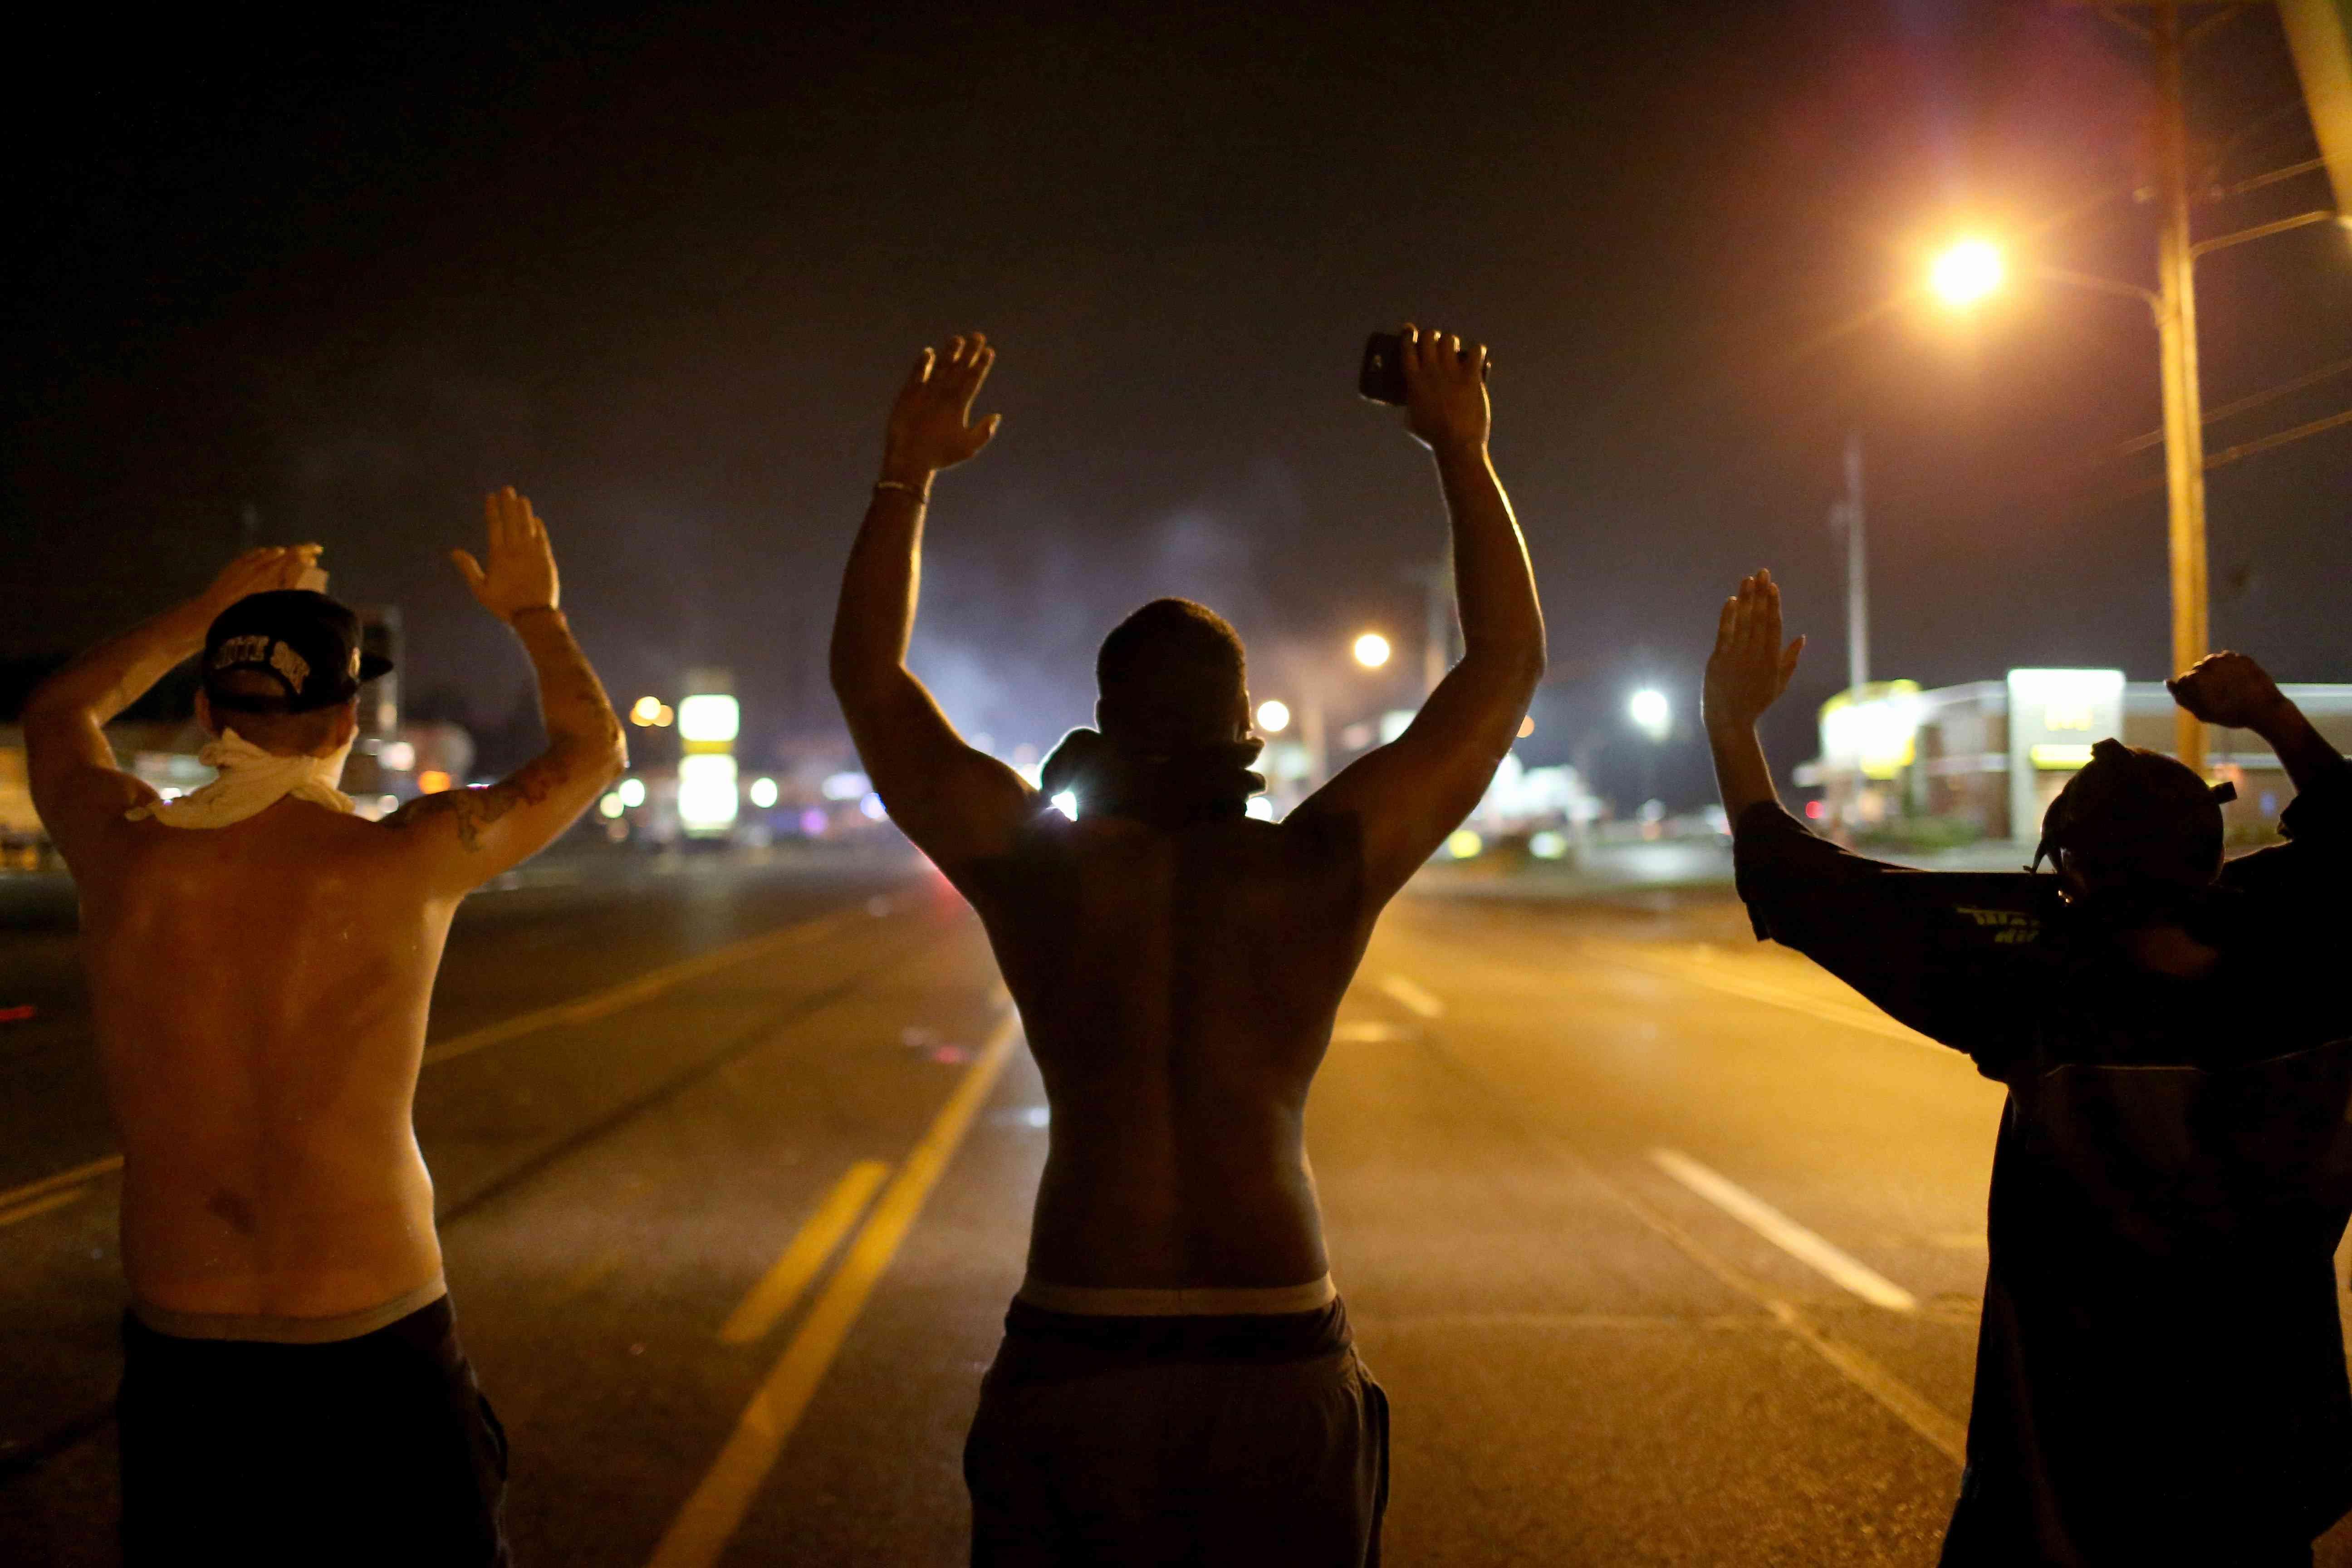 """Demonstranten heben ihre Arme und singen """"Hände hoch, nicht schießen"""", während sie gegen den Tod von Michael Brown am 17. August 2014 in Ferguson, Missouri, protestieren."""